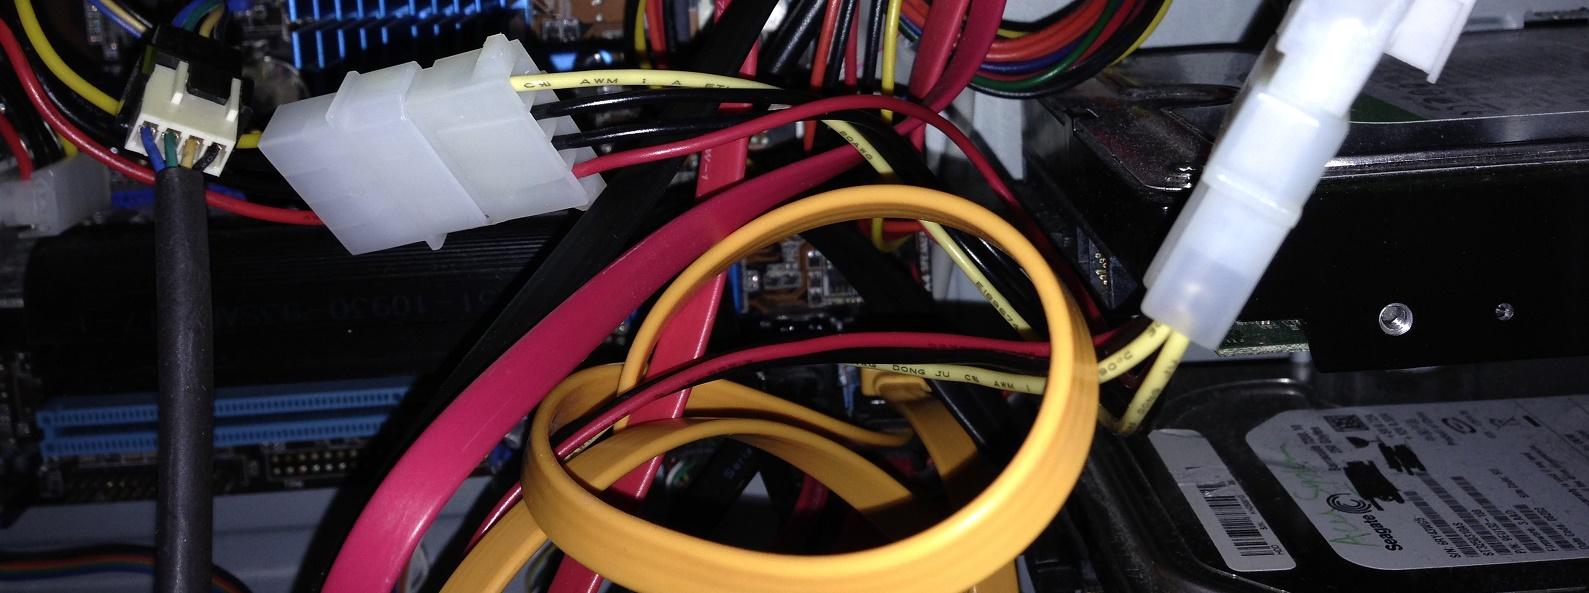 Computer Aufrüstung PC